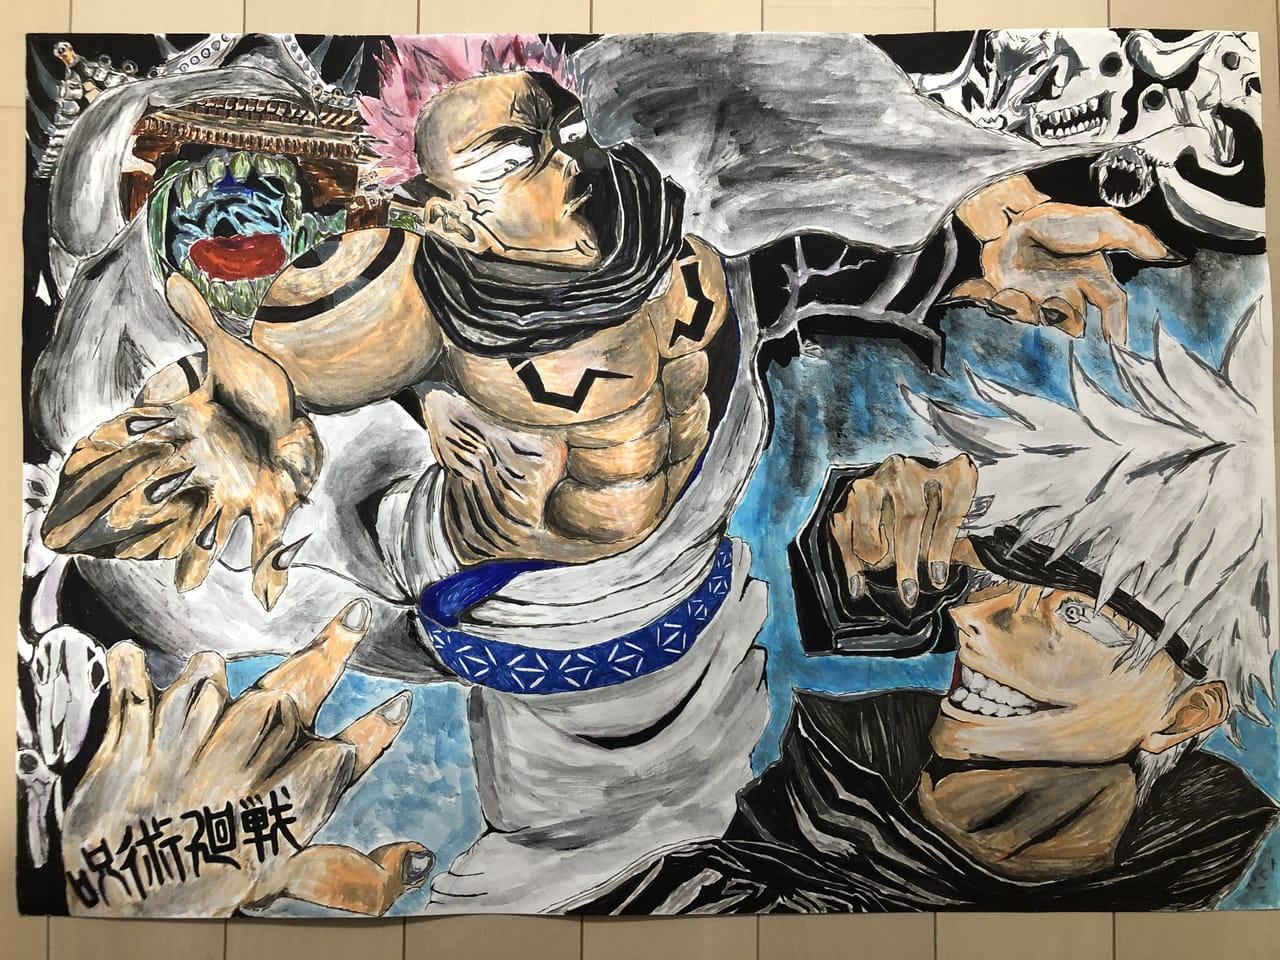 Illust of TATAI JujutsuKaisenFanartContest JujutsuKaisen